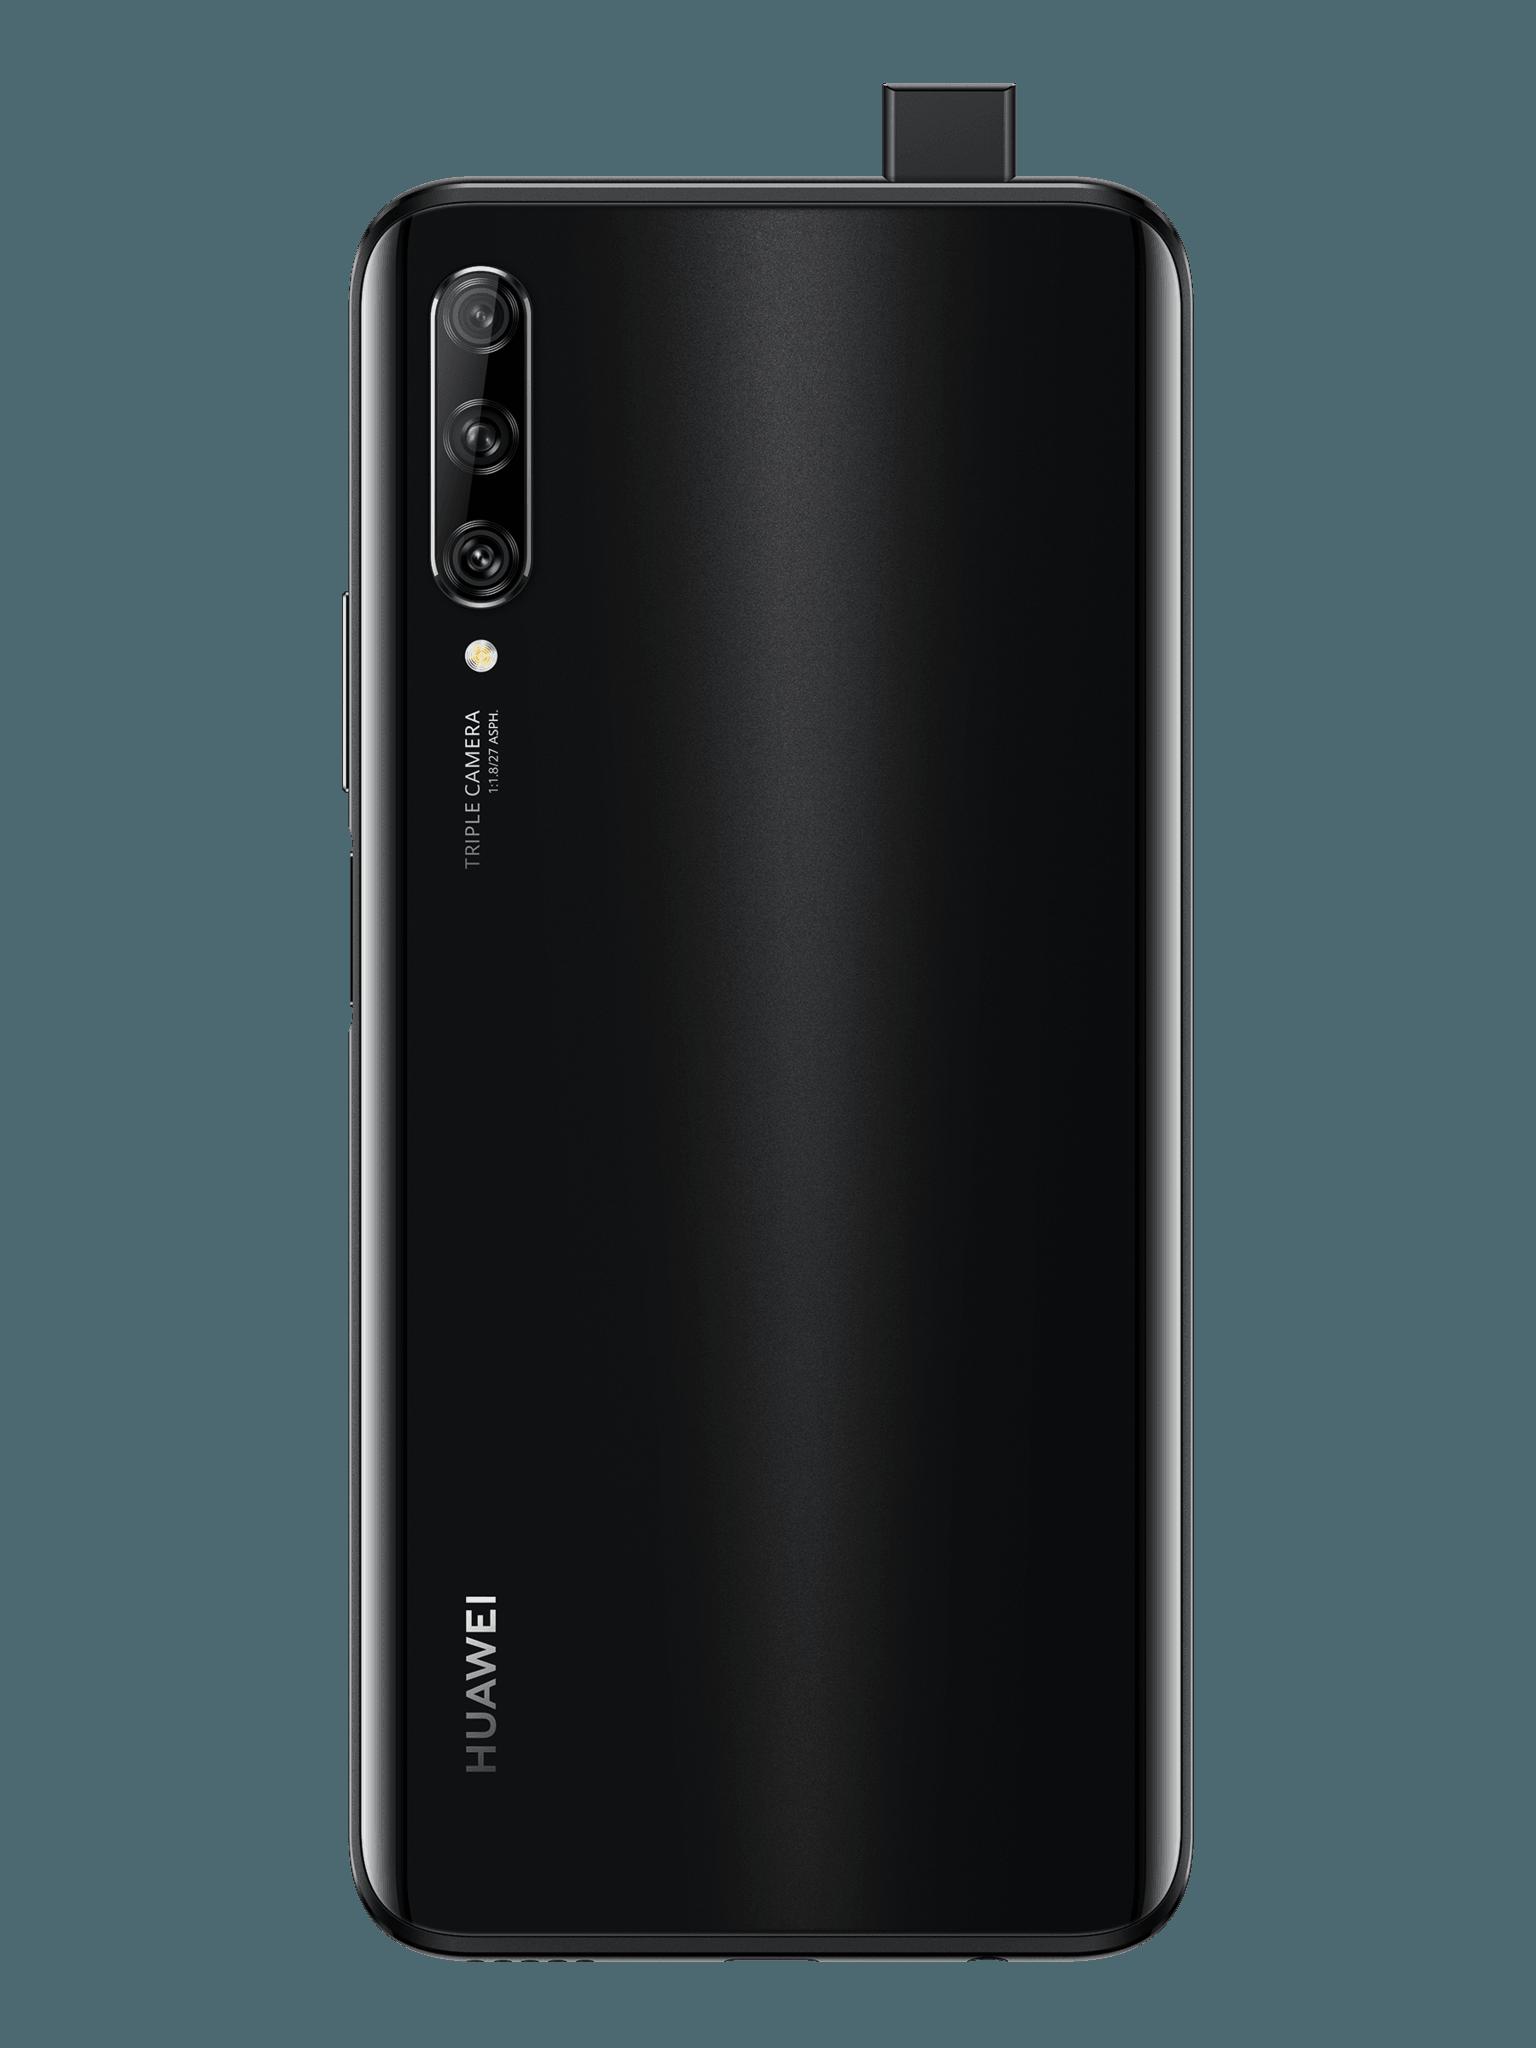 Huawei P Smart 2020 E P Smart Pro: Fotocamera E Performance Da Top Di Gamma Ad Un Prezzo Accessibile 10 - Hynerd.it